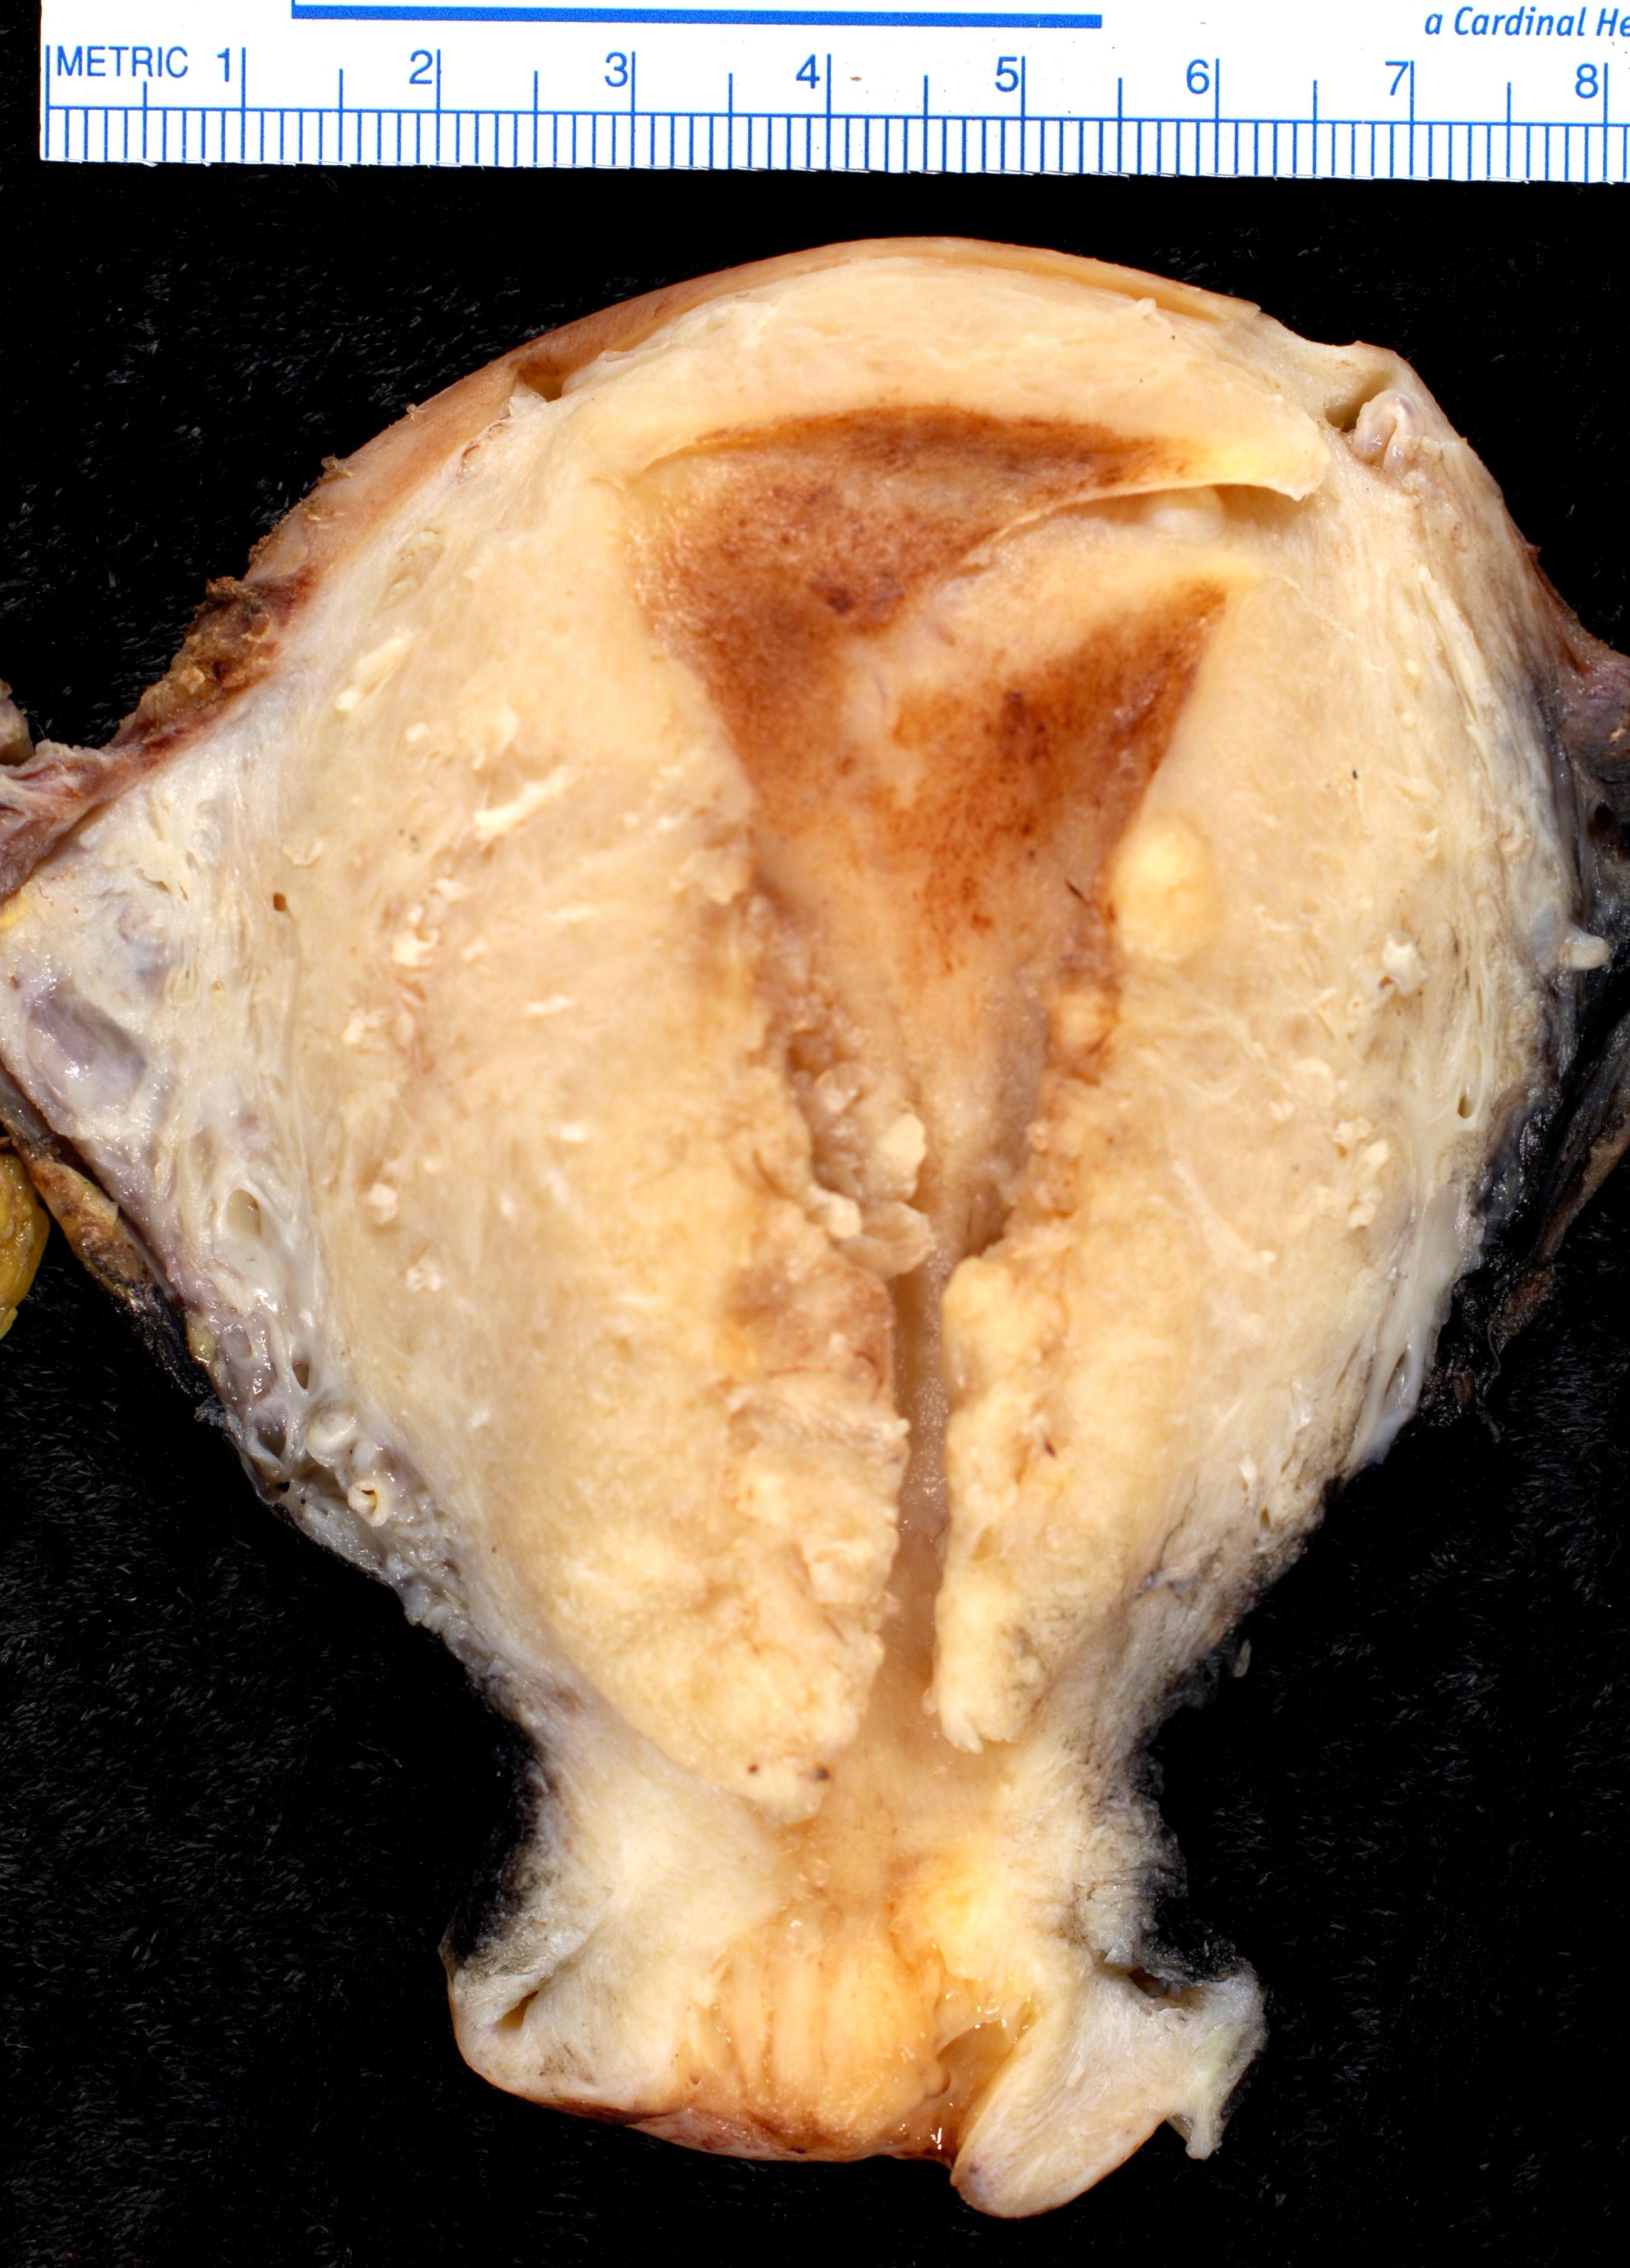 Cancerul peritoneal: simptome și speranța de viață - Antena Satelor